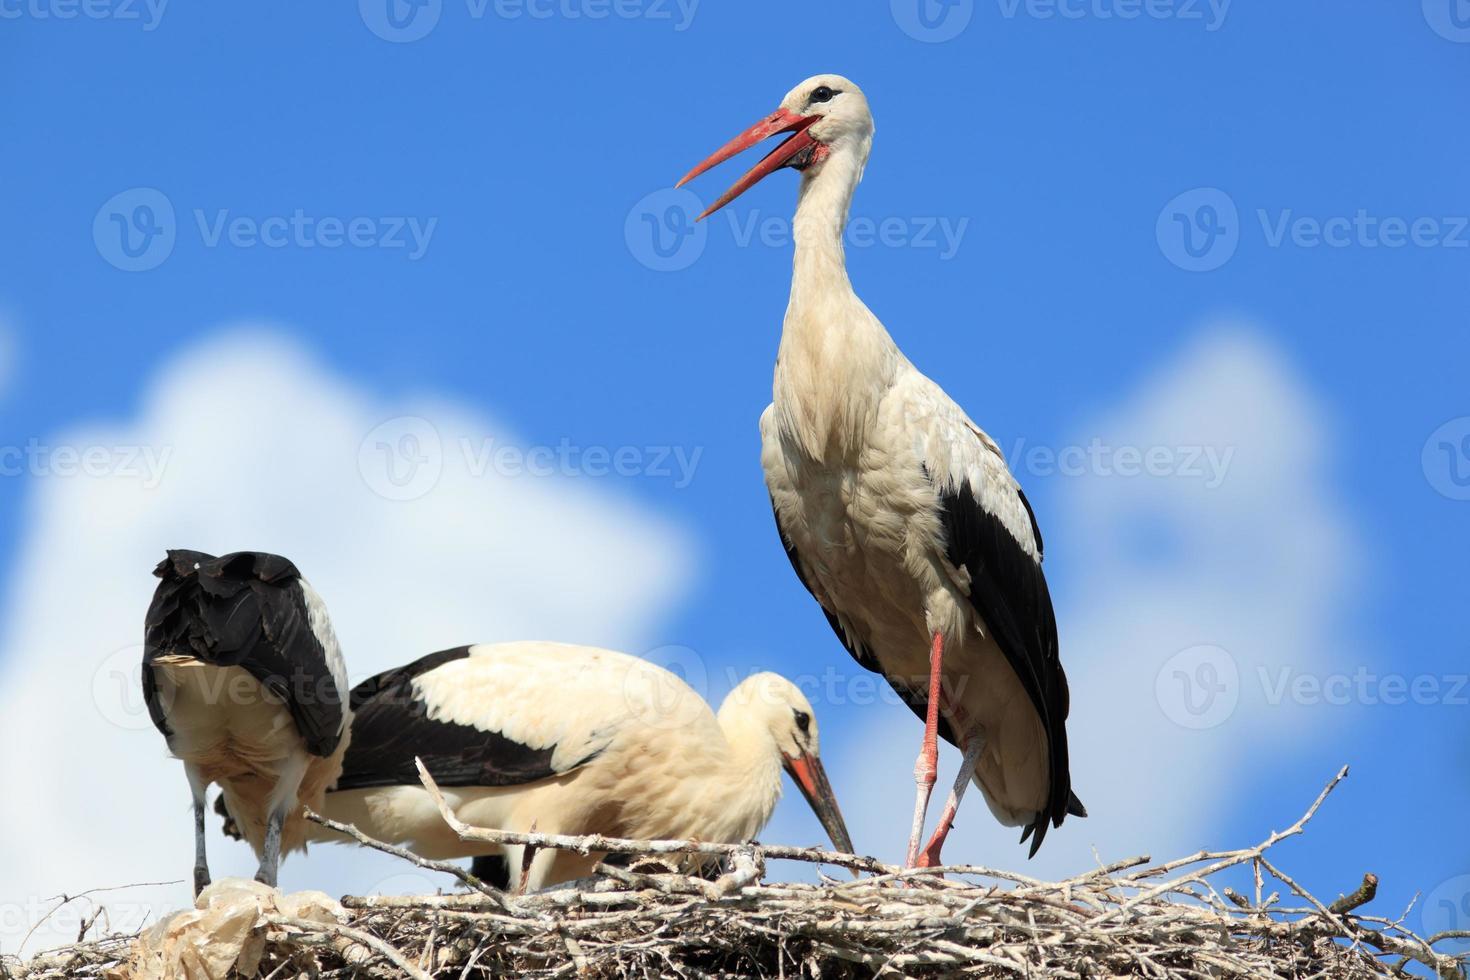 Oriental White Stork (Ciconia) photo